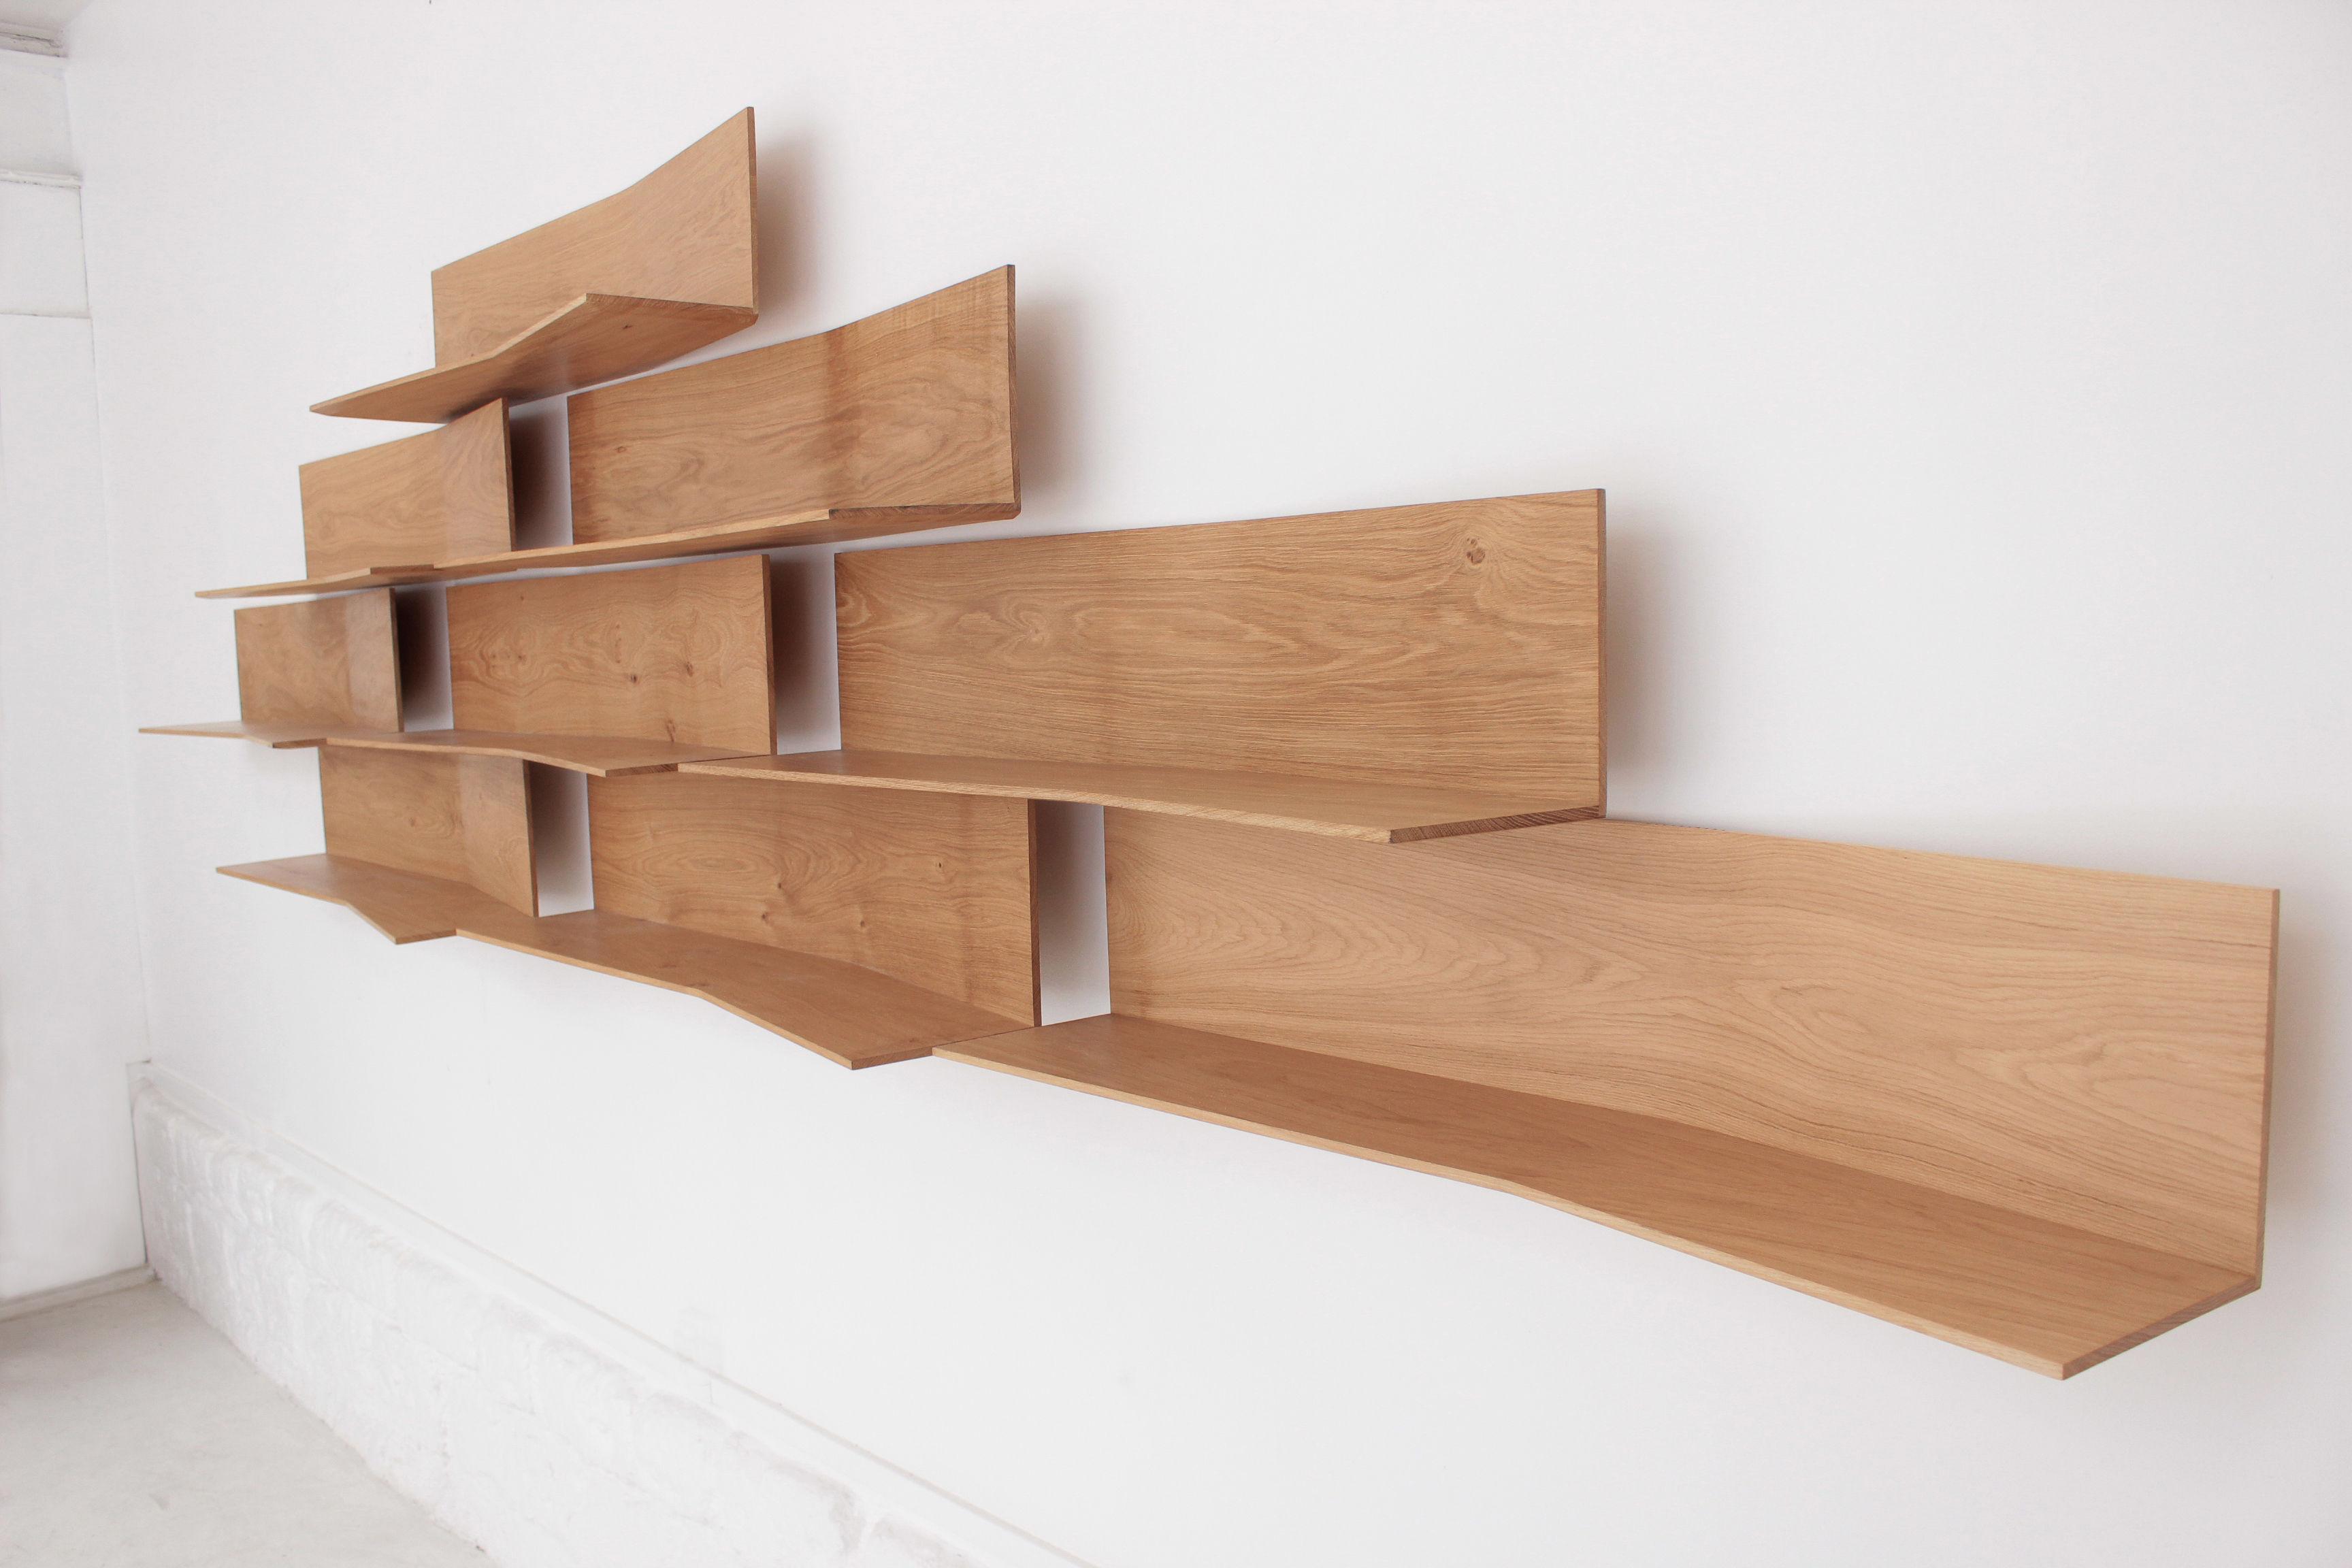 etag re 11 2 l 118 cm etag re l 39 unit bois naturel compagnie. Black Bedroom Furniture Sets. Home Design Ideas